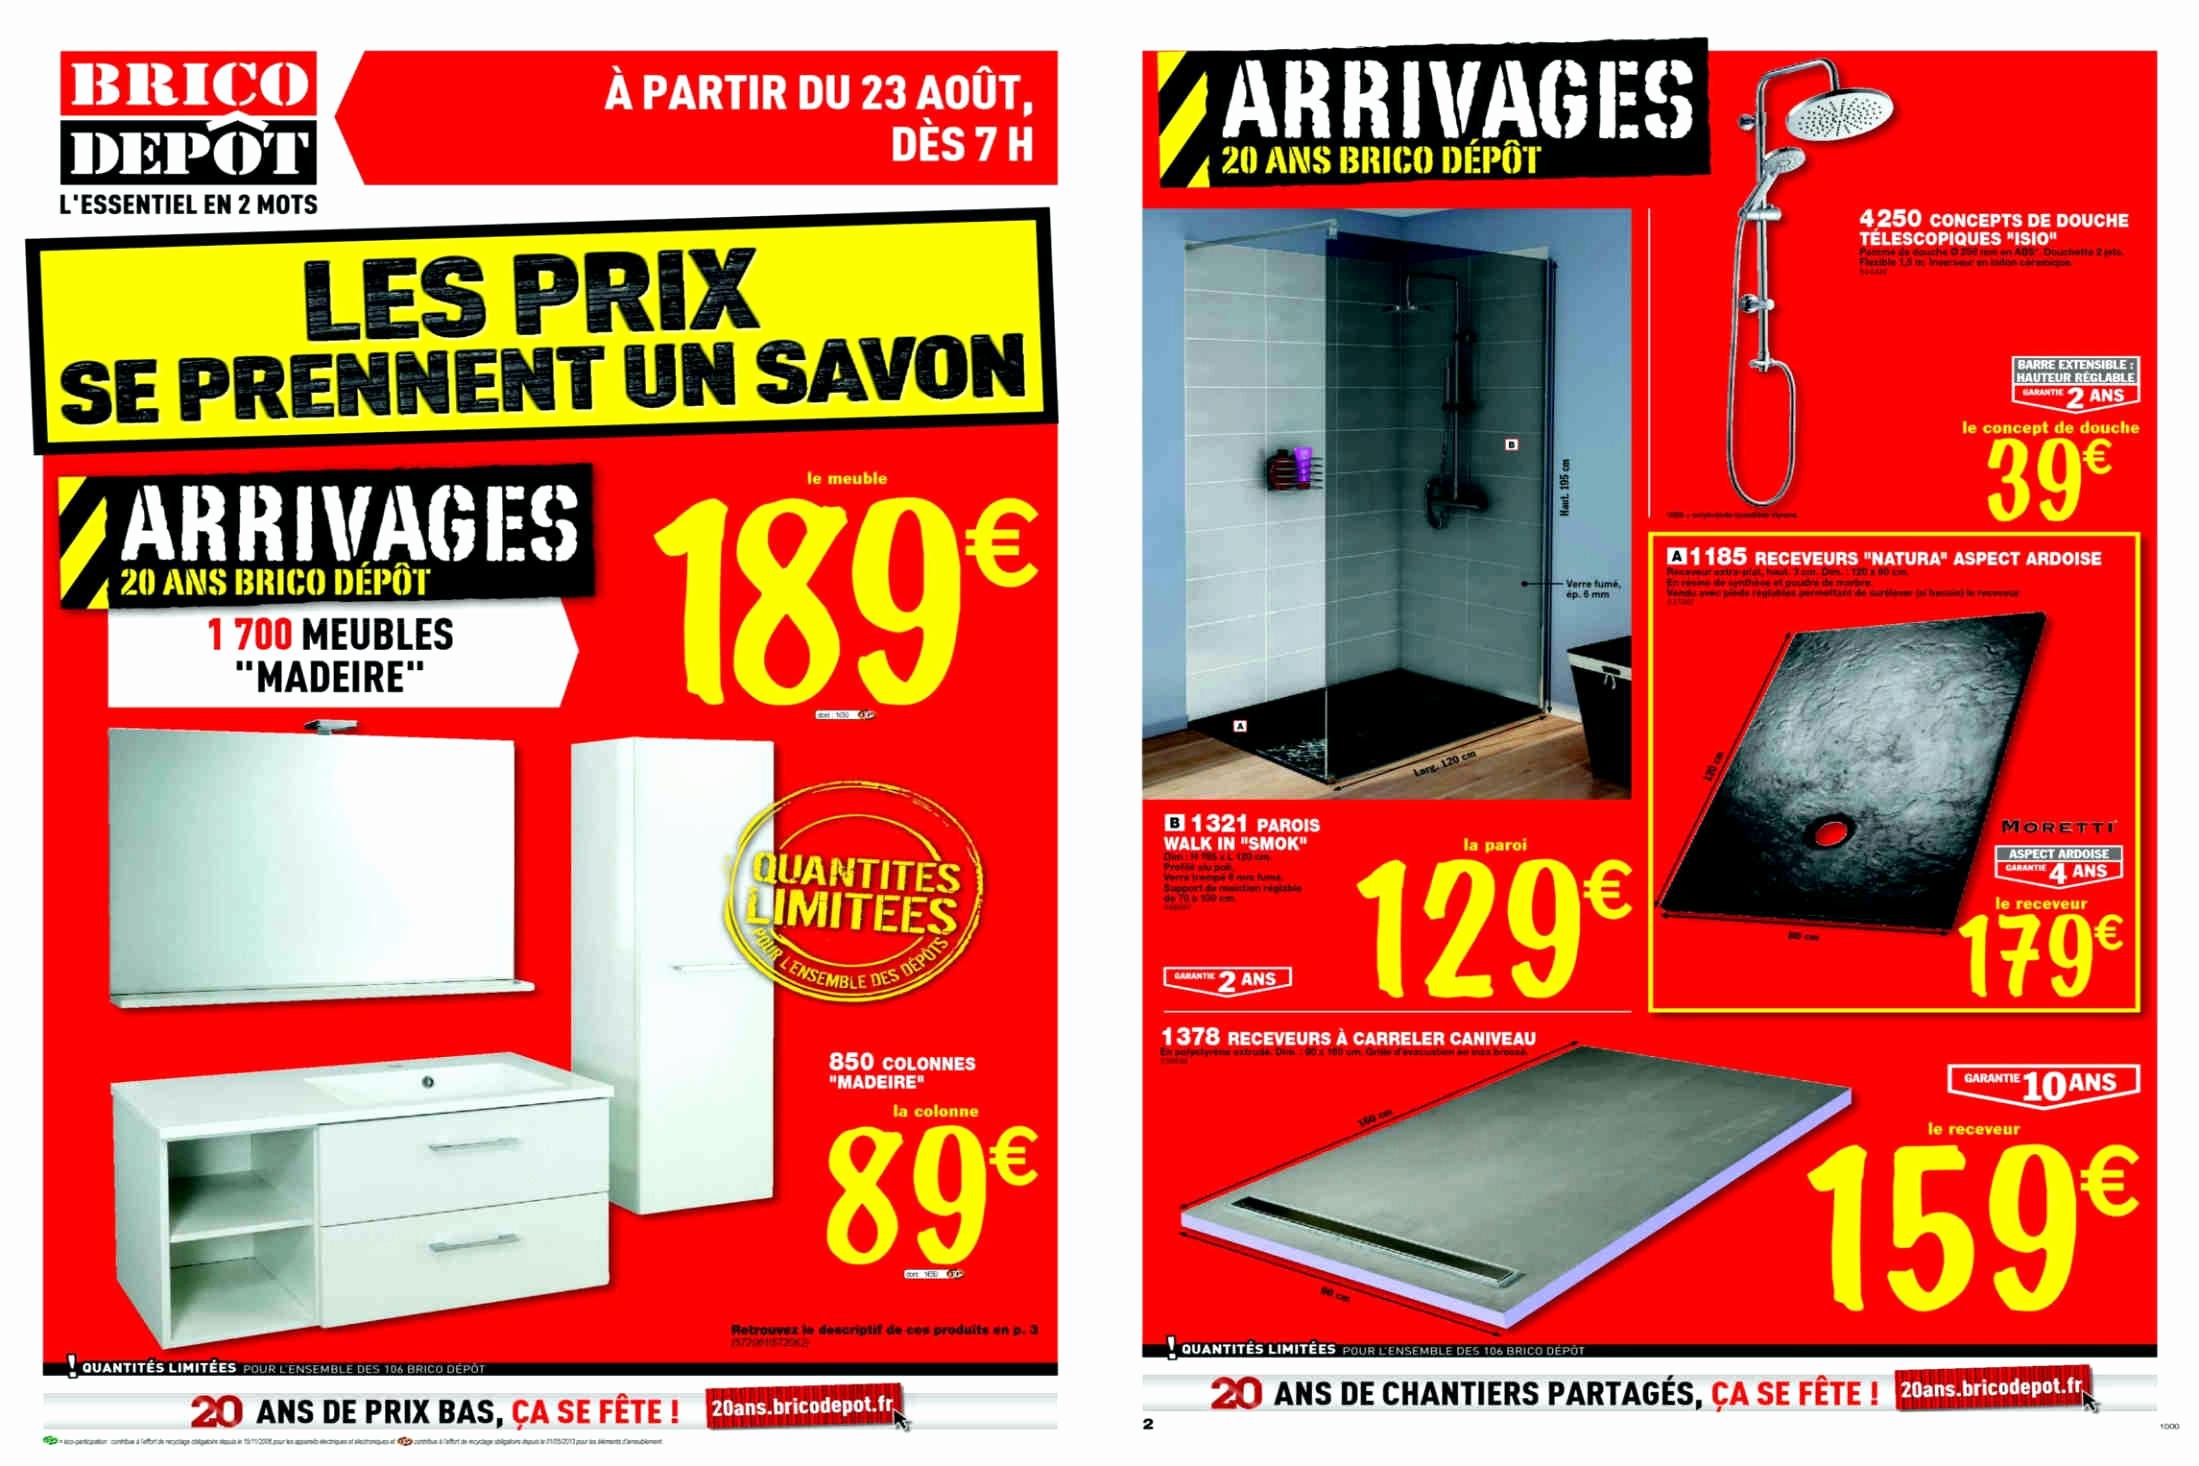 Salle De Bain Pas Cher Brico Depot Nouveau Photos Carreaux De Ciment Brico Depot Beau Carrelage Salle De Bain Brico